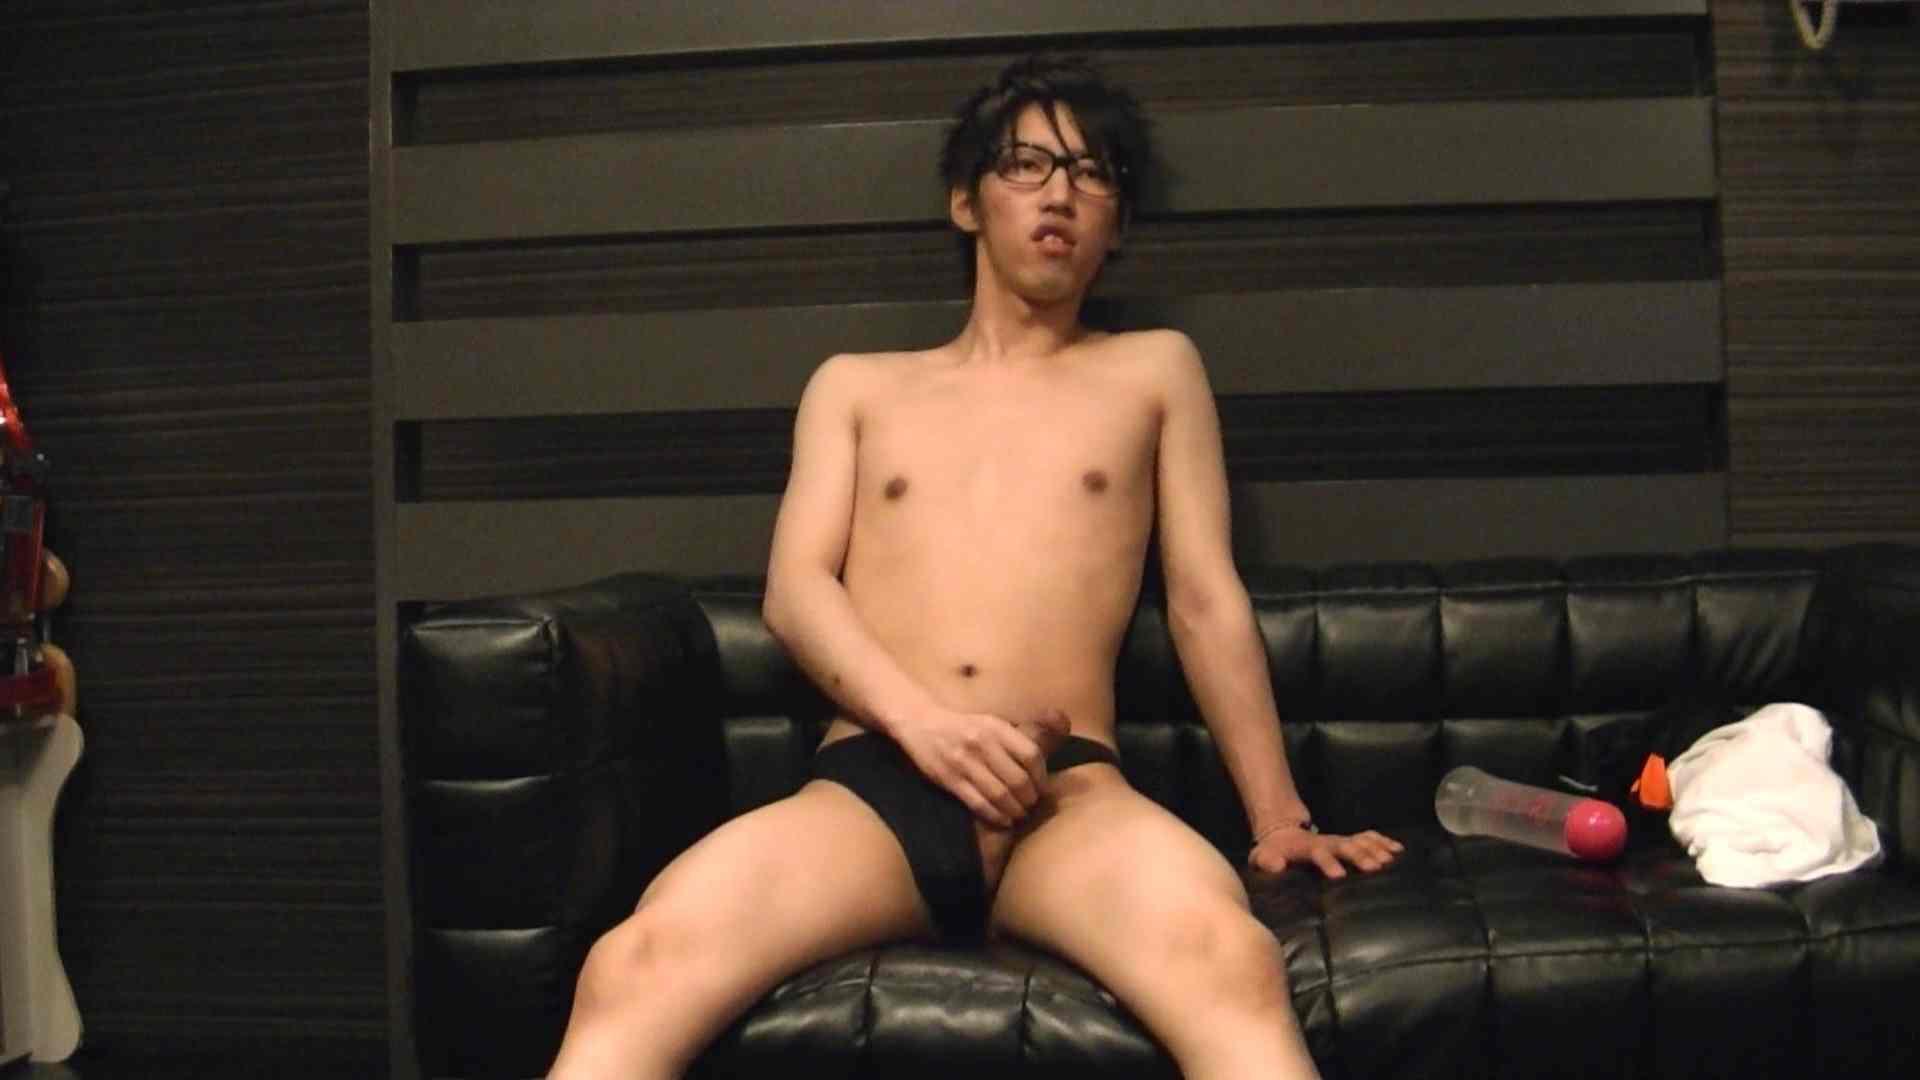 Mr.オナックスさん投稿!HD 貴方のオナニー三万円で撮影させてください。VOL.04 スジ筋系  32pic 22